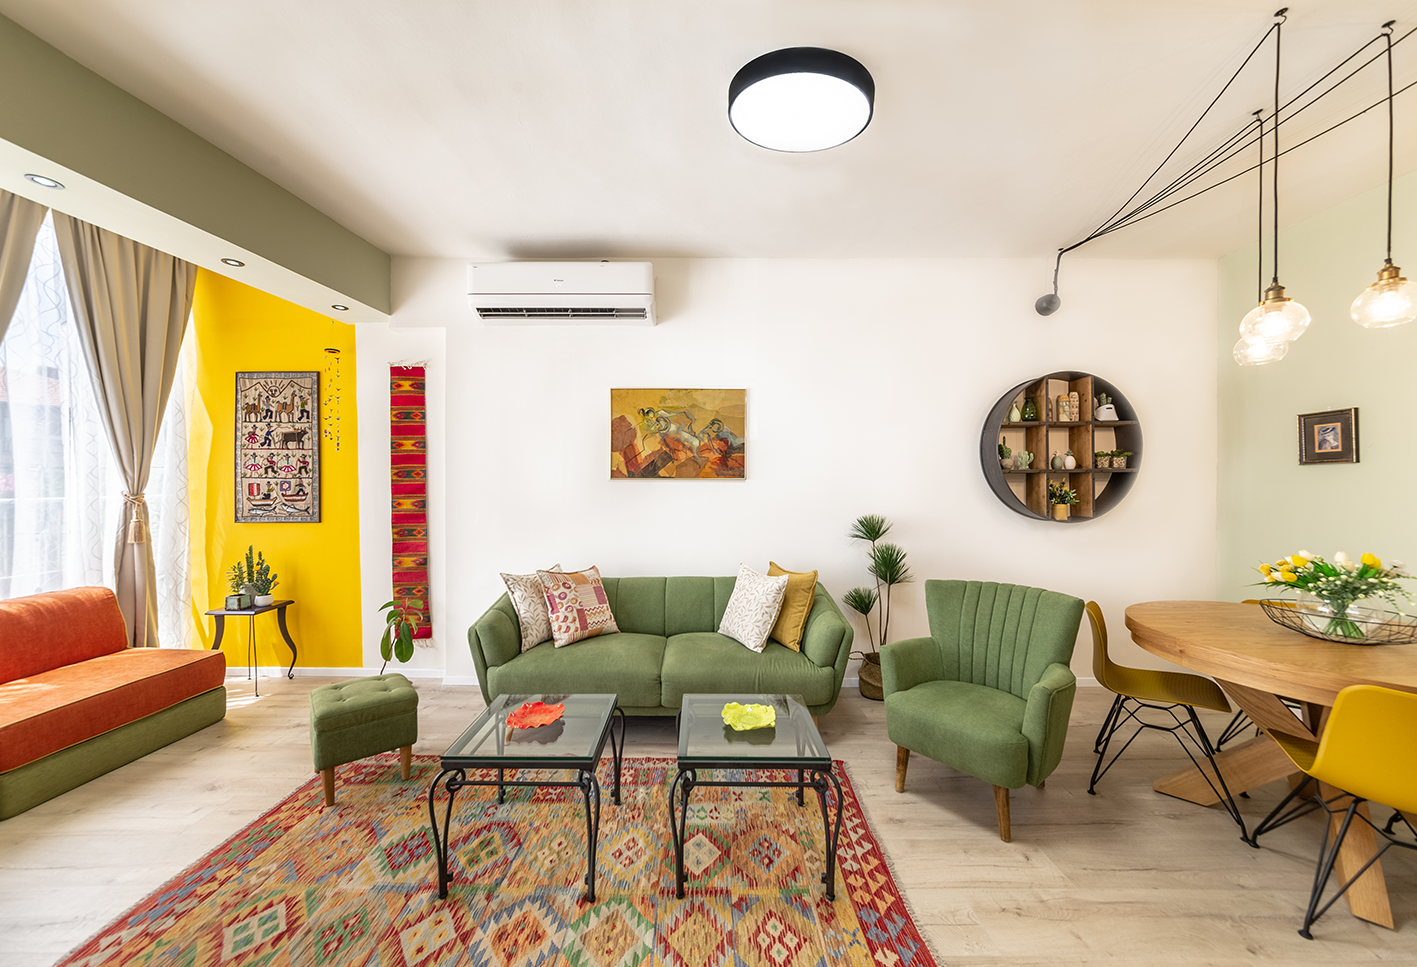 דירה בגבעתיים בעיצוב הדס פילובסקי-רון